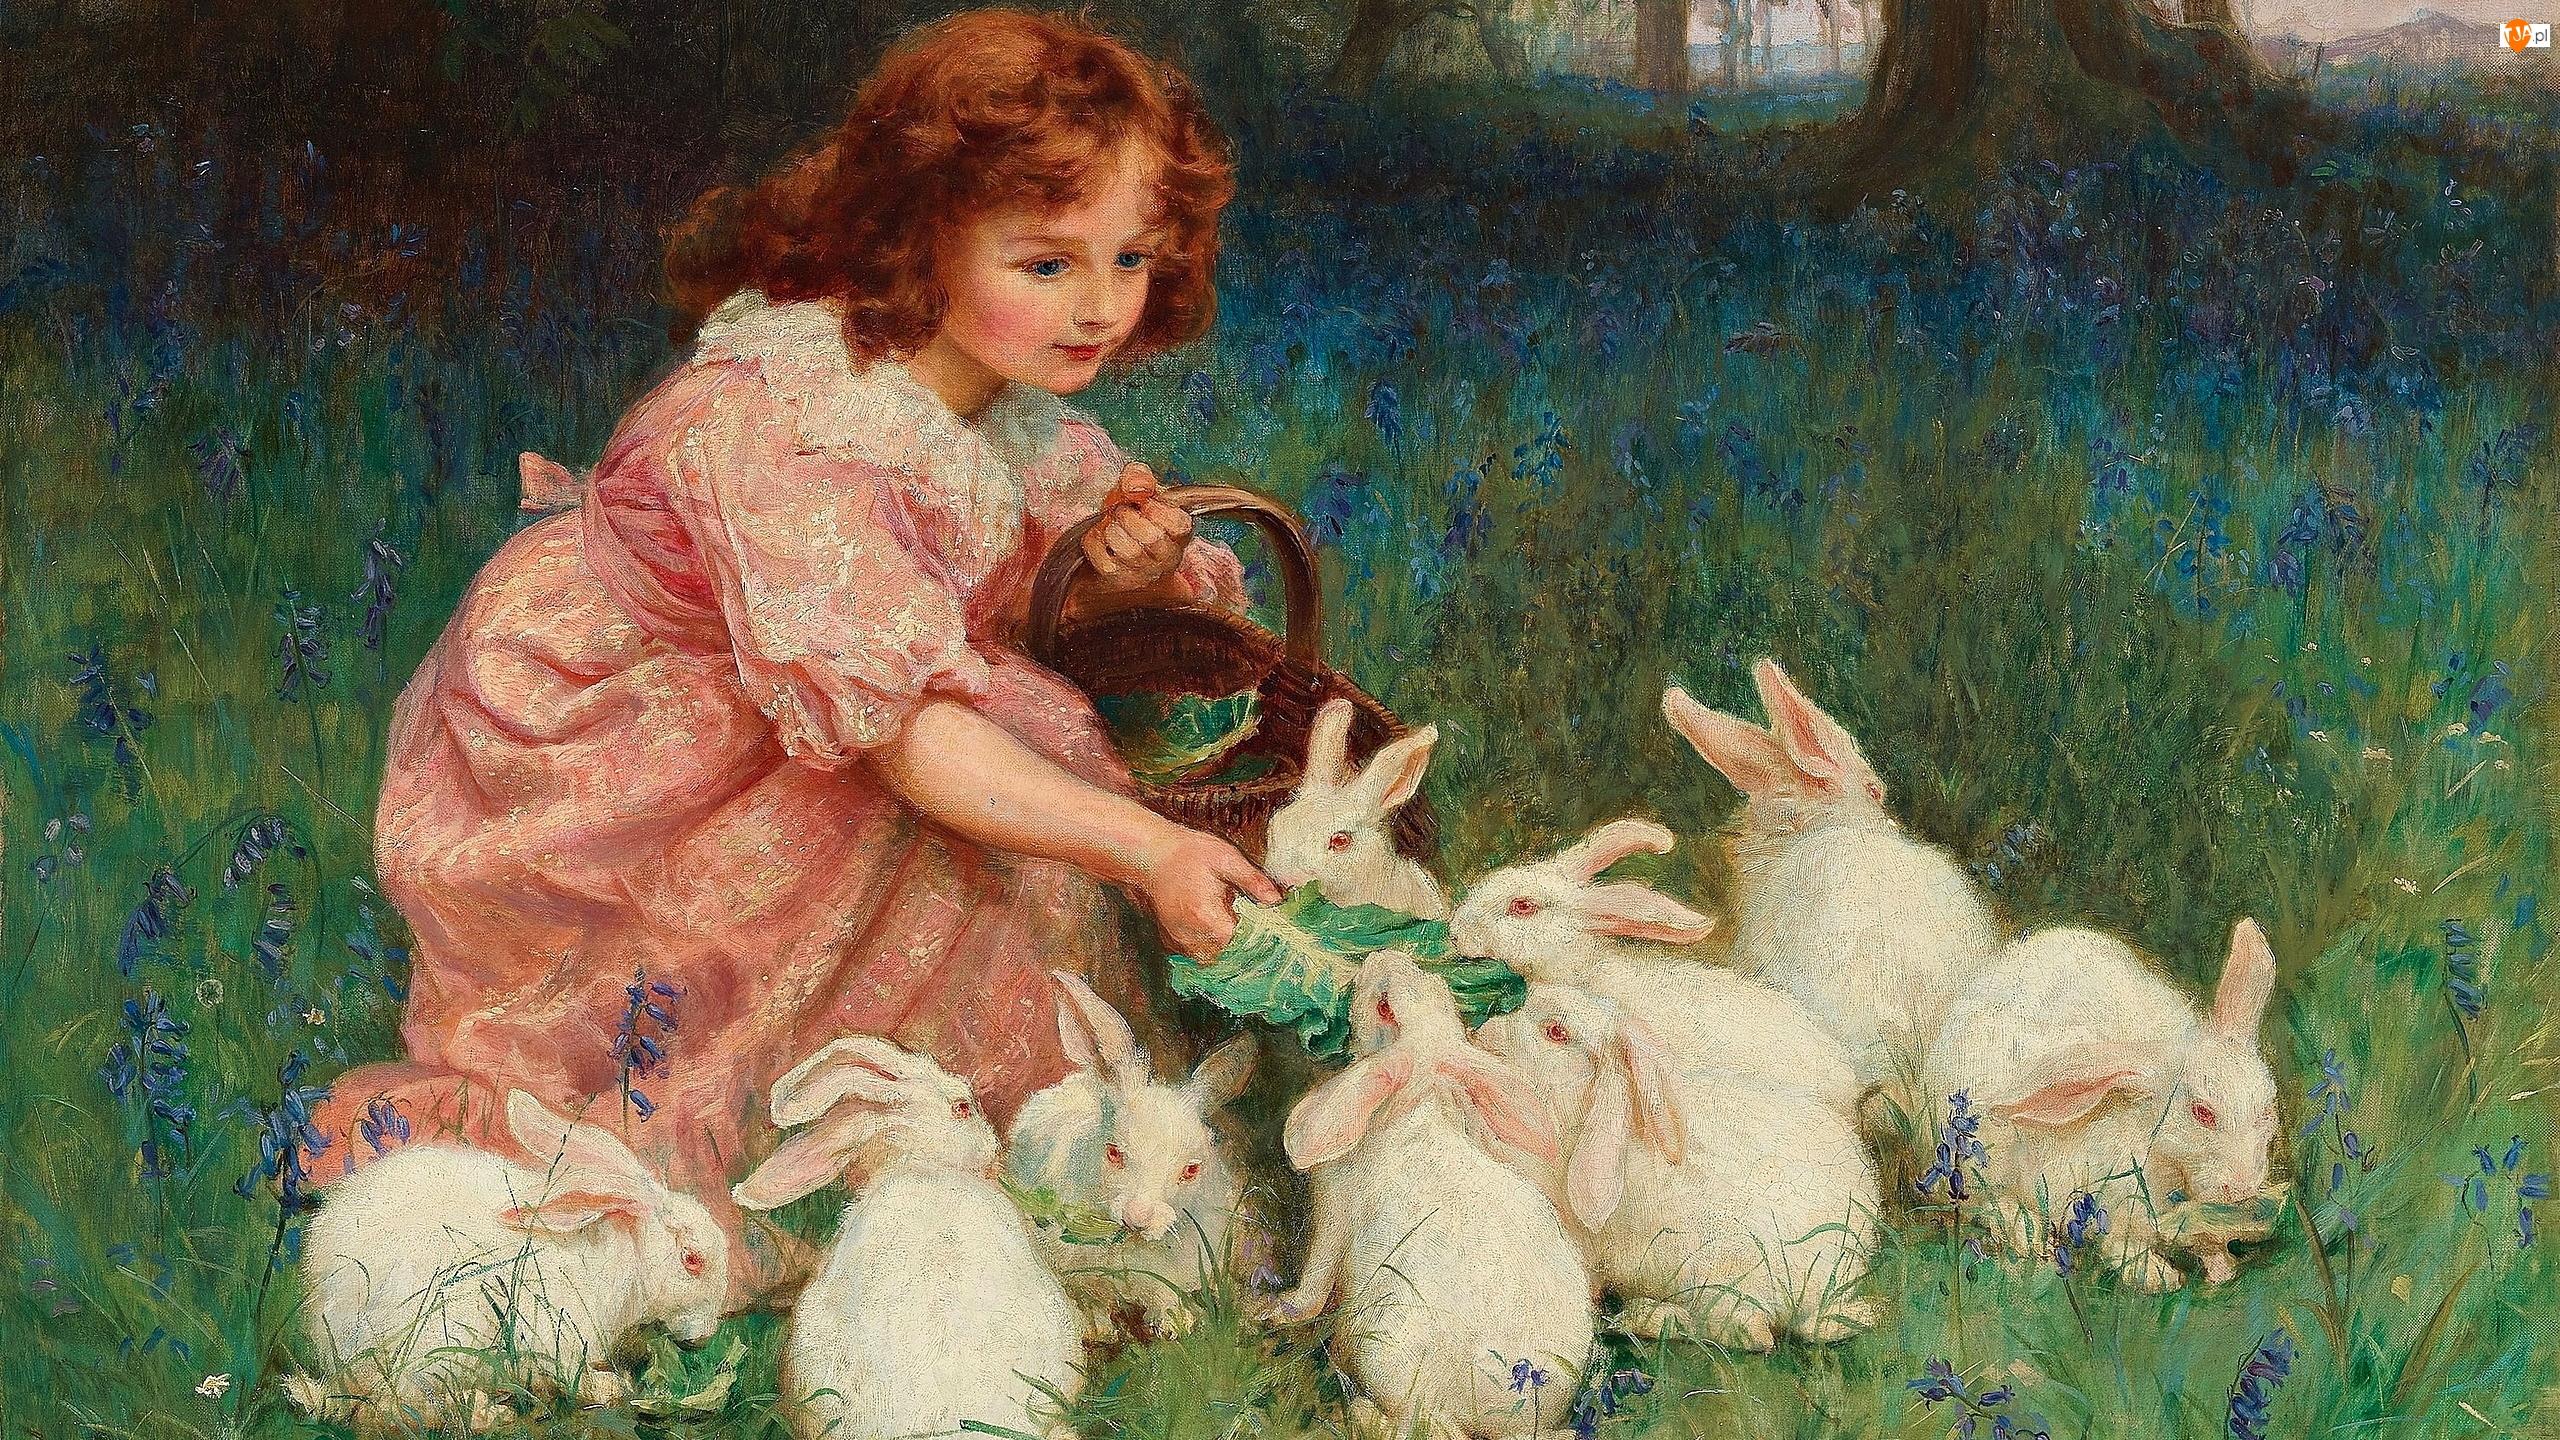 Obraz, Frederick Morgan, Króliki, Malarstwo, Białe, Koszyk, Dziewczynka